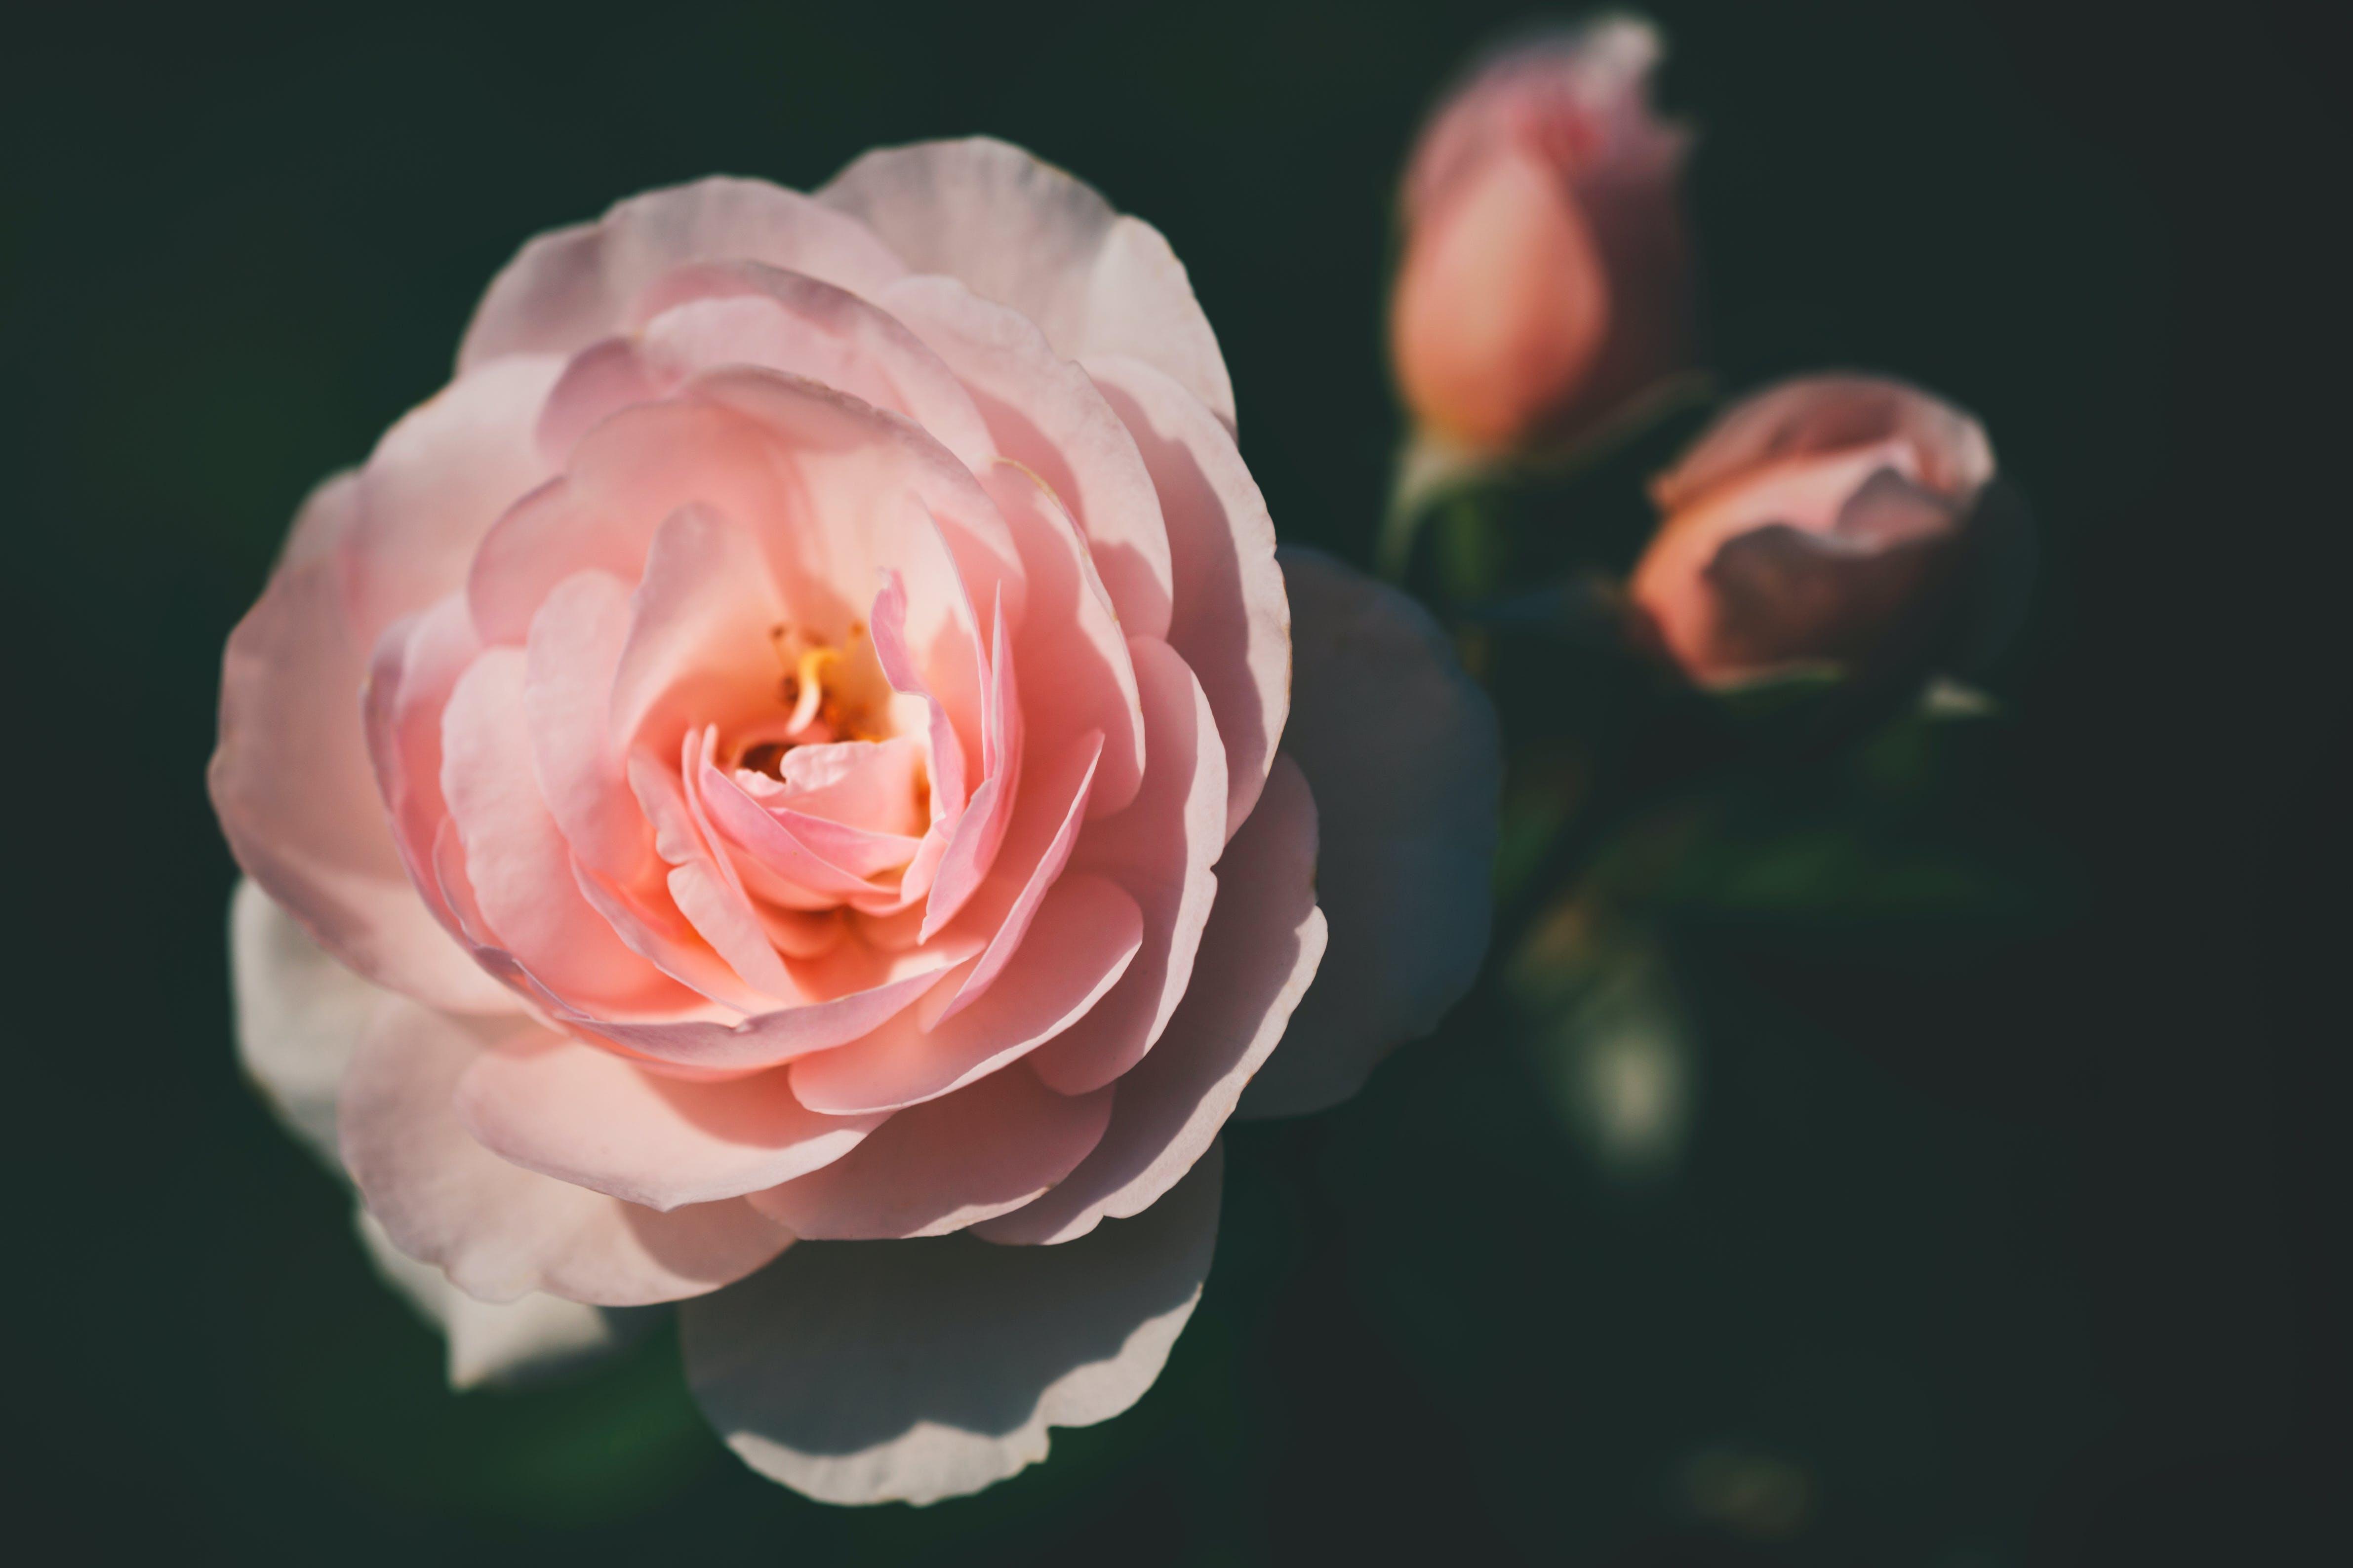 つぼみ, バラの花, ボタニカル